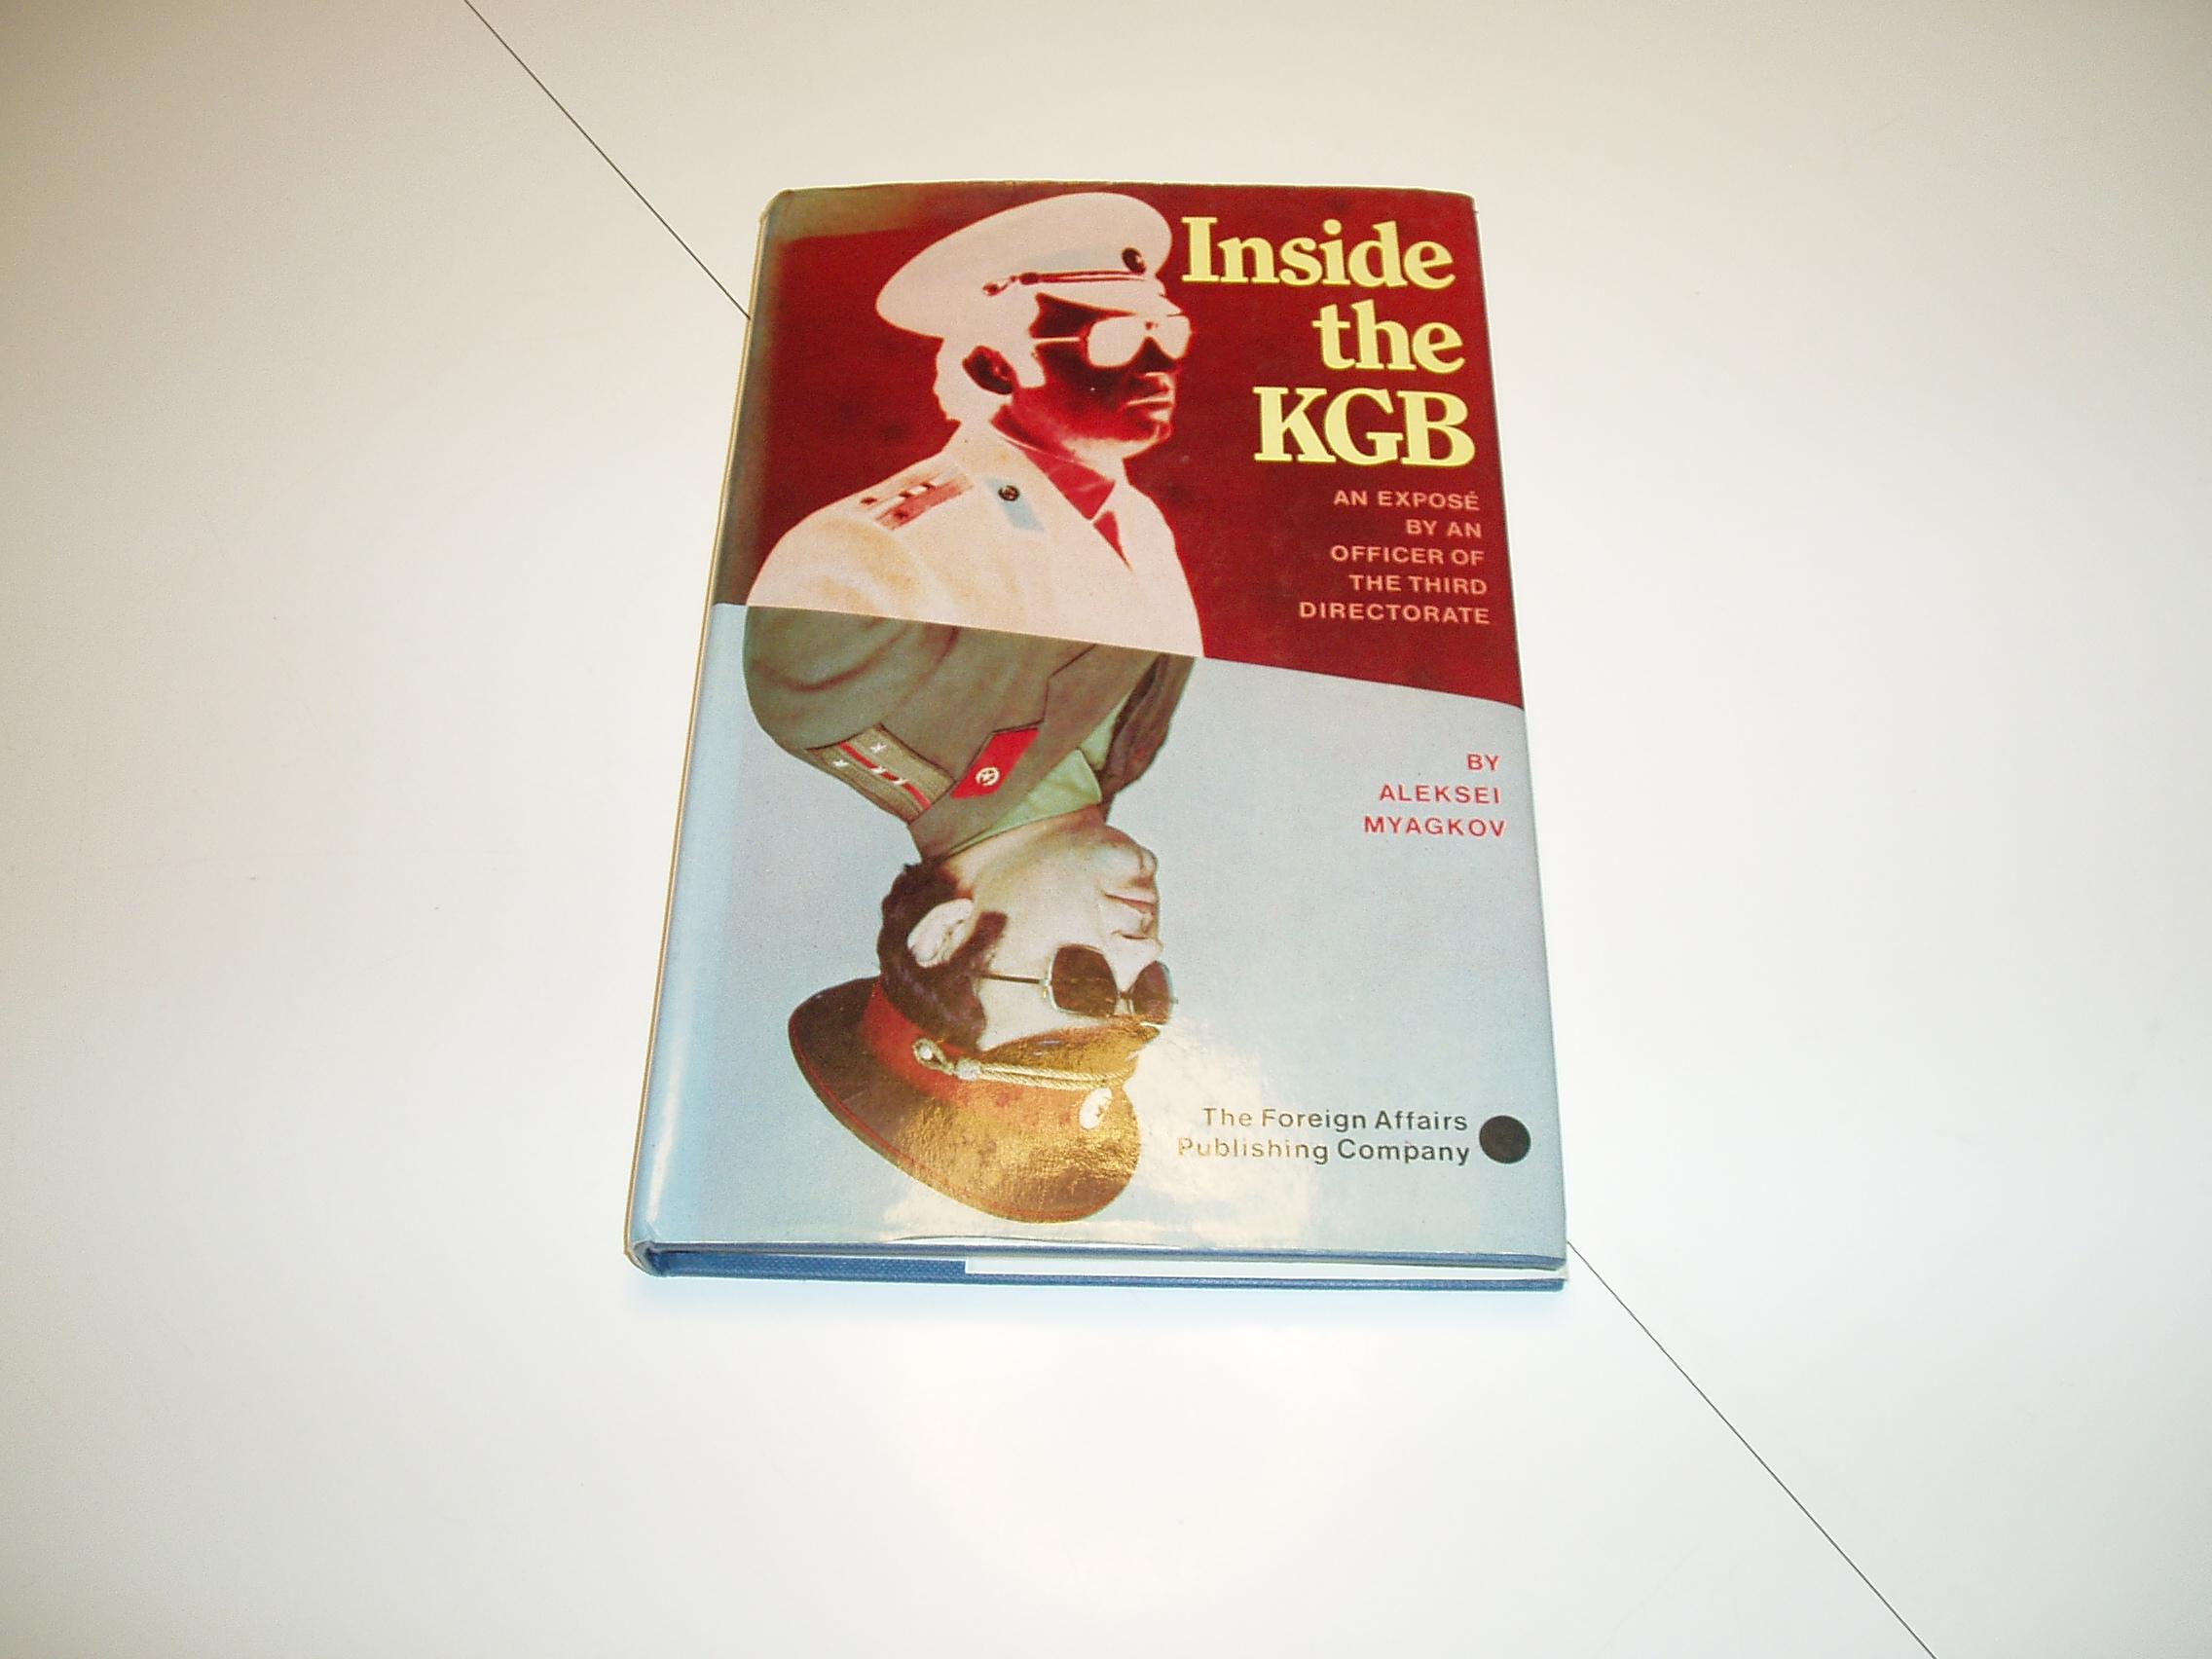 Inside the KGB. An exposé by an officer of the Tthird Directorat